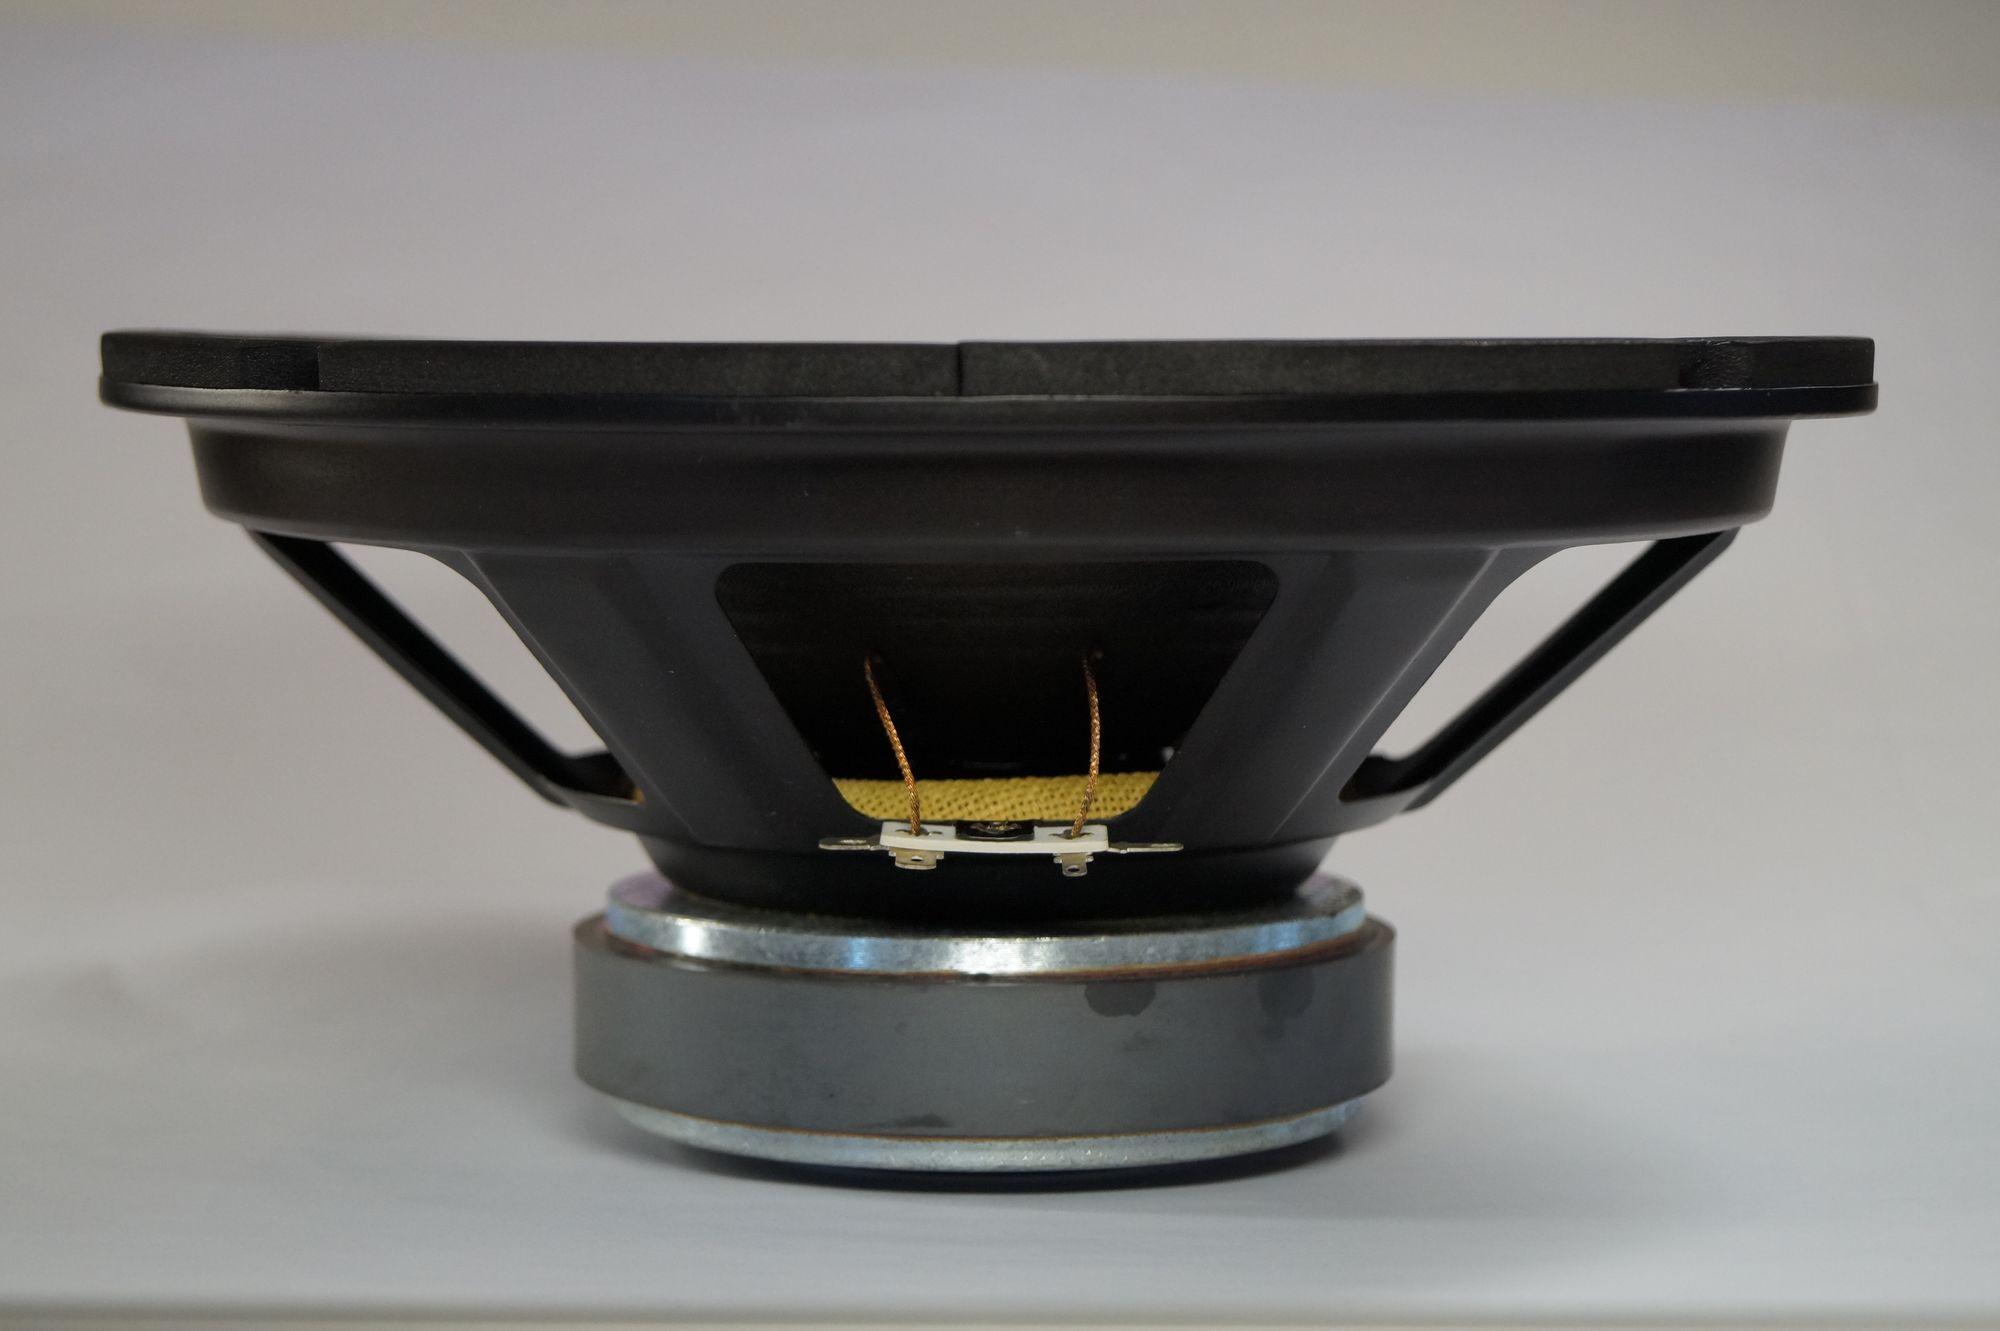 Mac Audio Quattro 25,25 cm Subwoofer,Basslautsprecher,Tieftöner – Bild 3